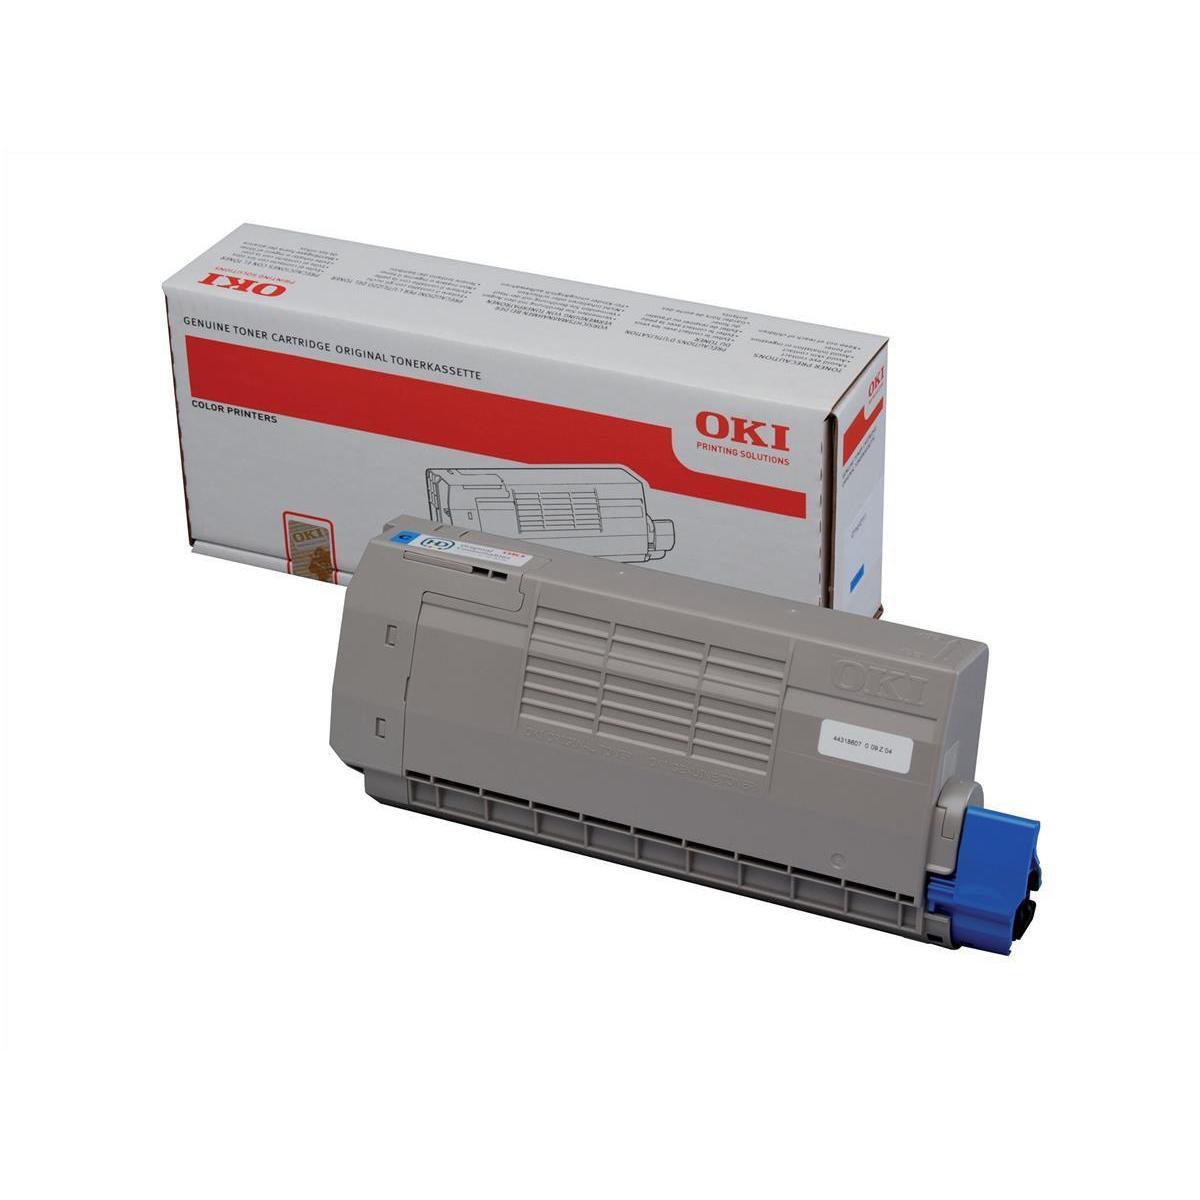 Laser Toner Cartridges OKI Laser Toner Cartridge High Yield Page Life 11500pp Cyan Ref 44318607